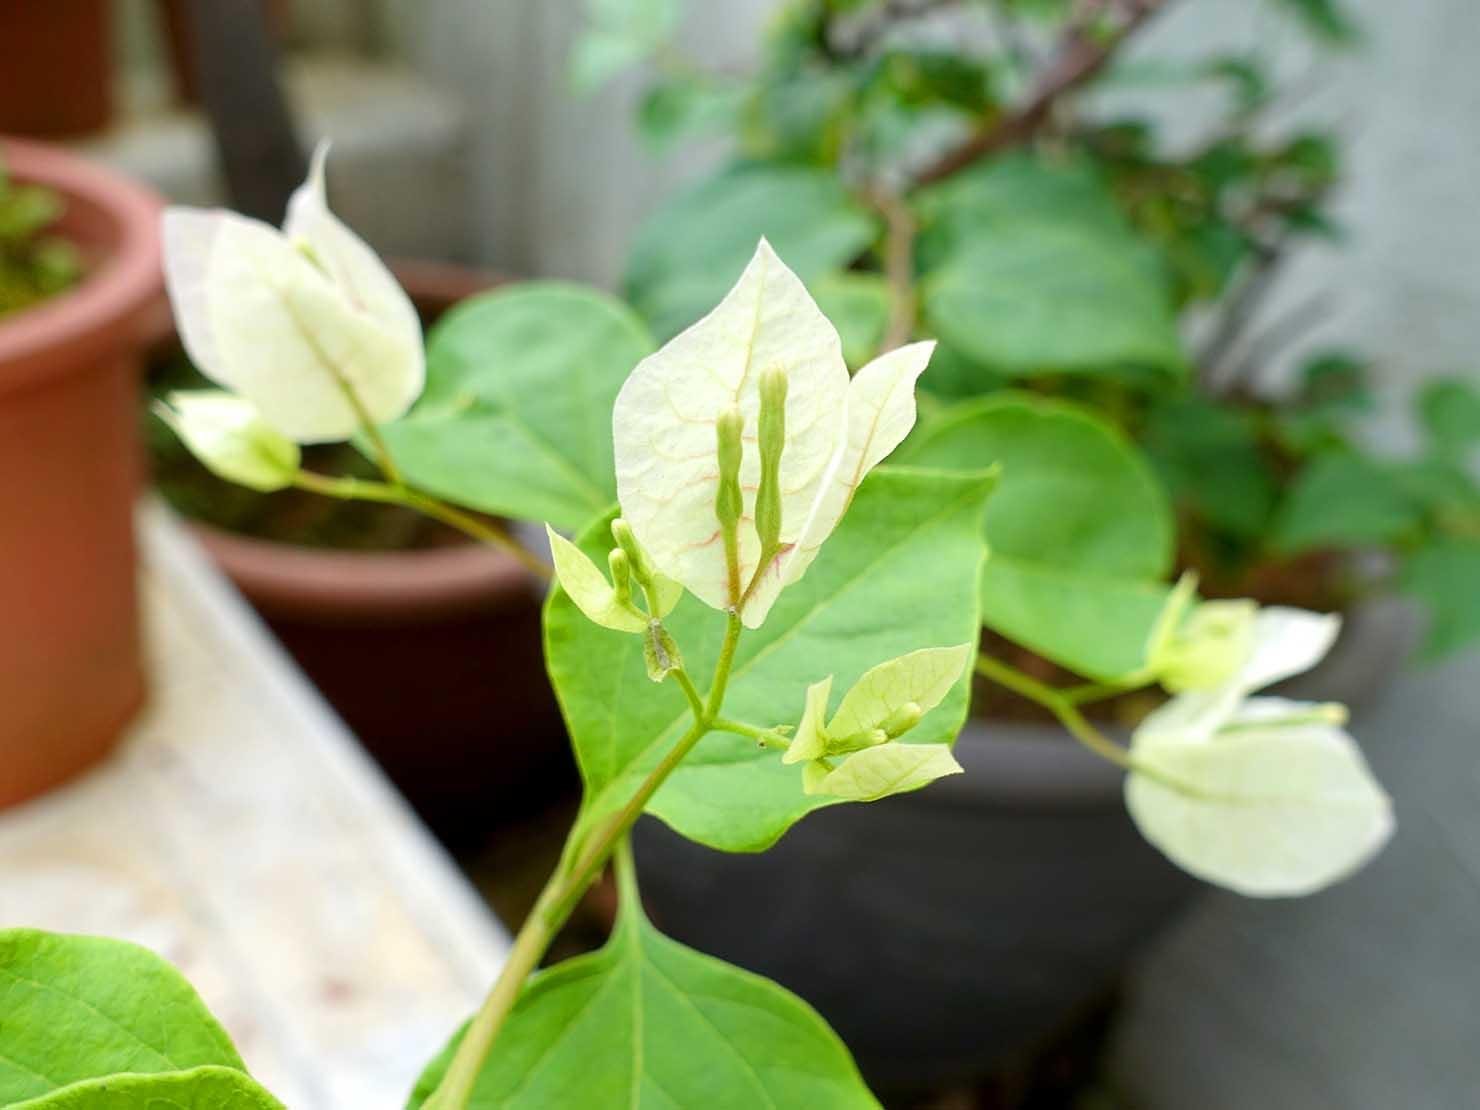 台湾でよく見かける植物「九重葛(ブーゲンビリア)」の花